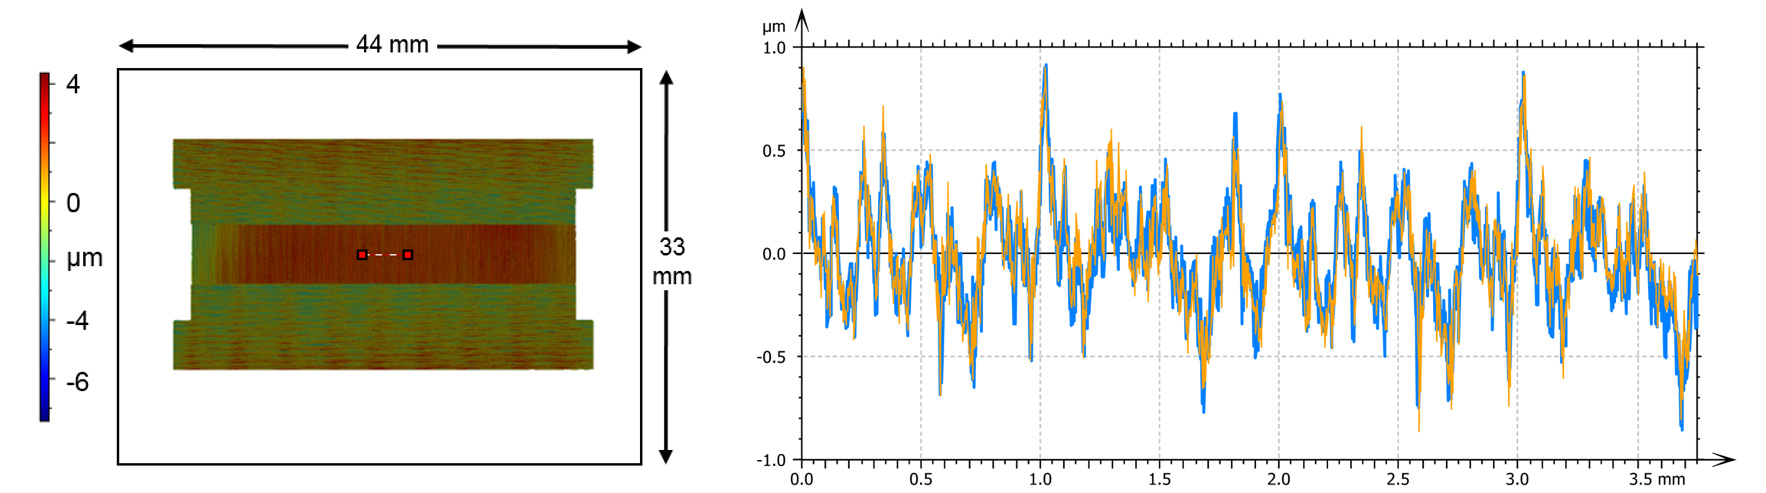 Große Flächen (ohne Stitching) und Rauheitsprofil in einer einzigen Messung erfassen: Die Beispielmessung zeigt die optische Rauheitsermittlung (gelb, Ra = 201 nm) verglichen mit taktiler Messung des Kalibrierlabors (Ra = 197 nm). Bild: Polytec